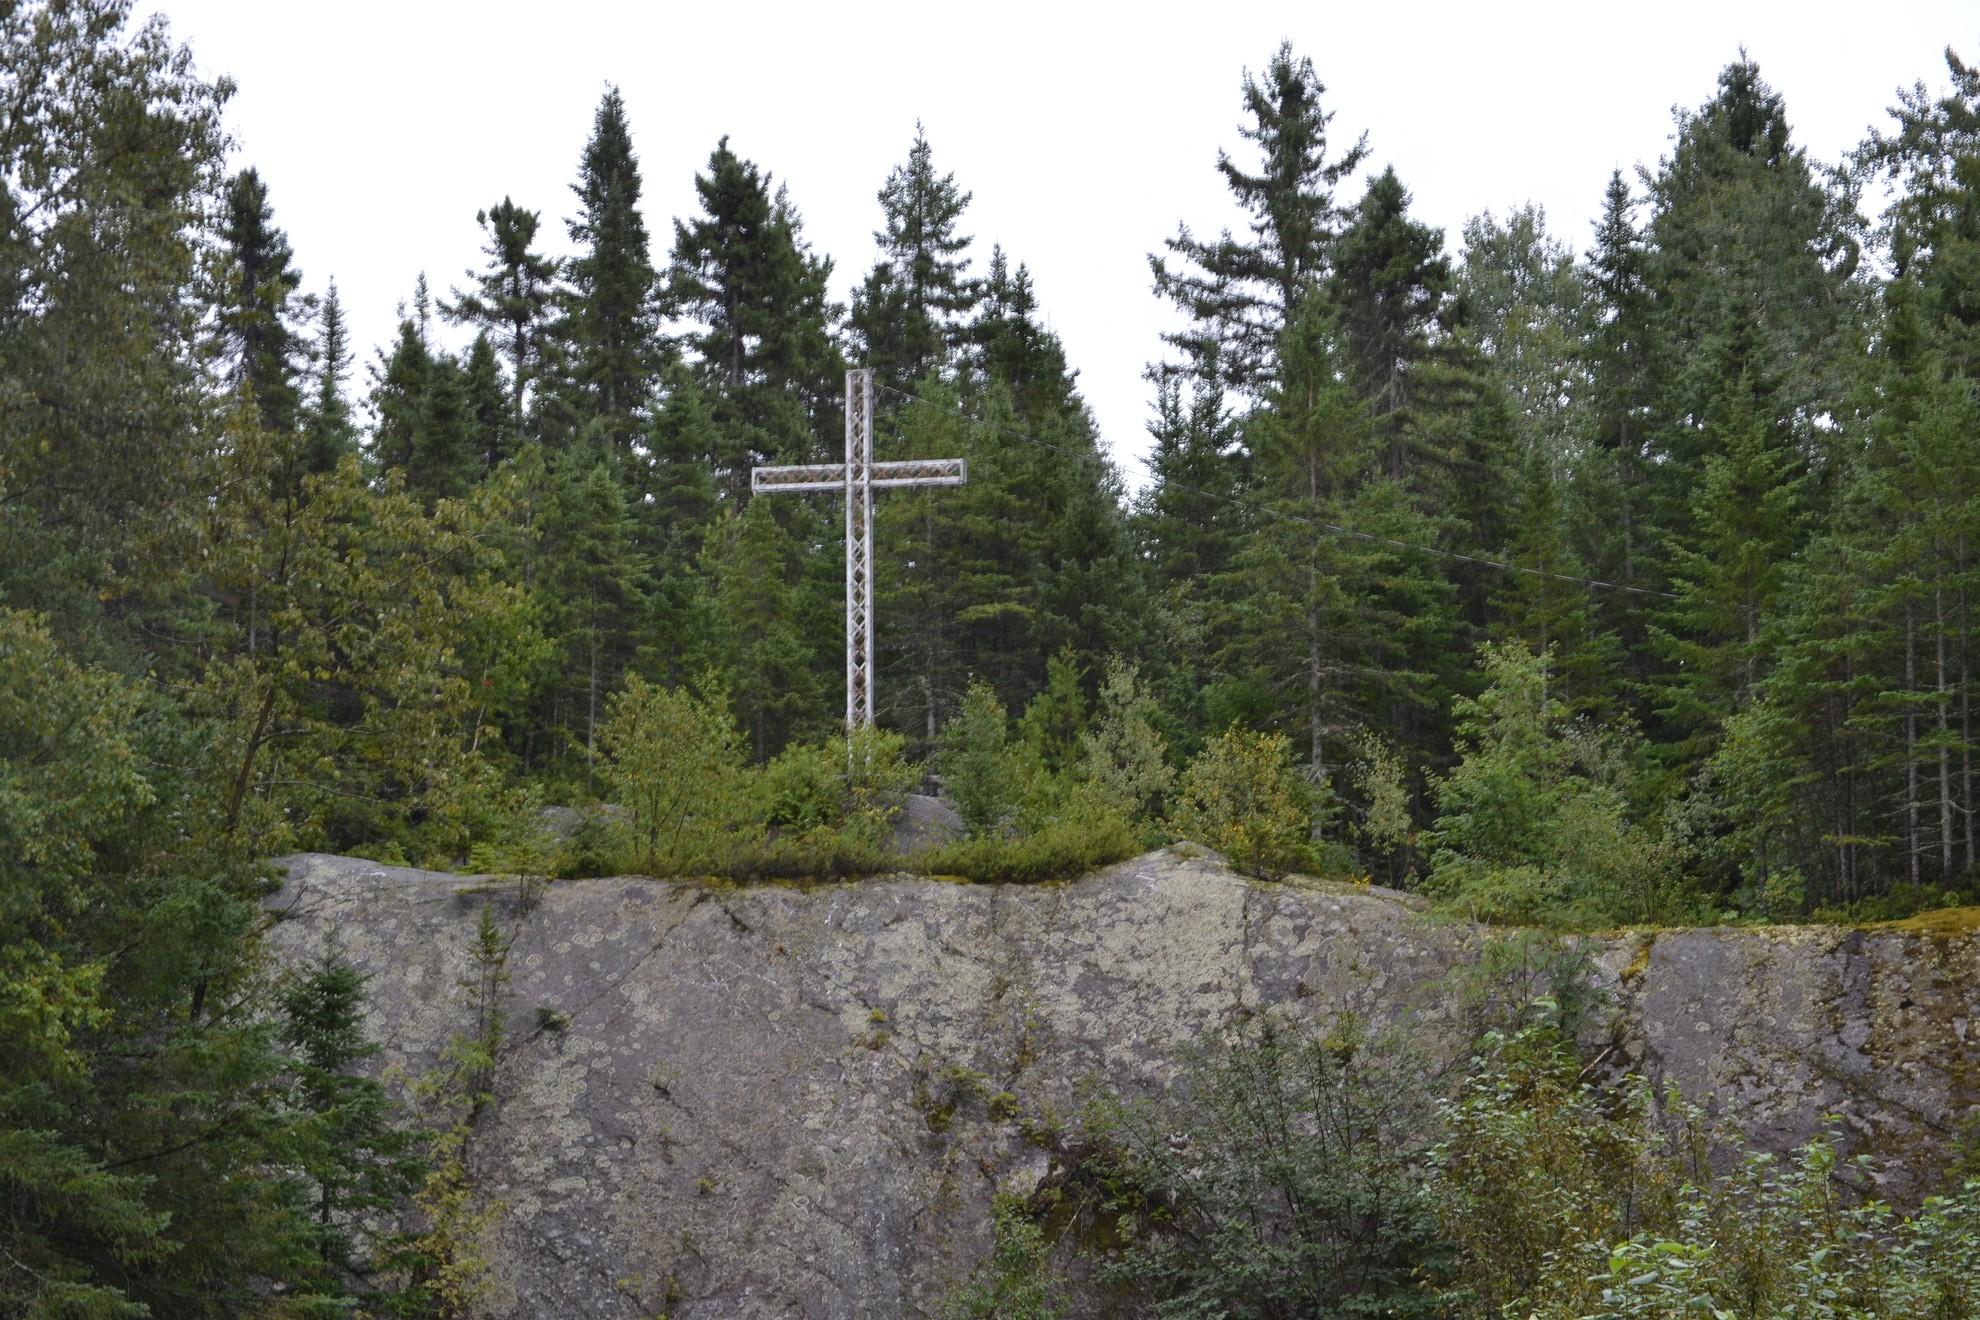 Croix illumination